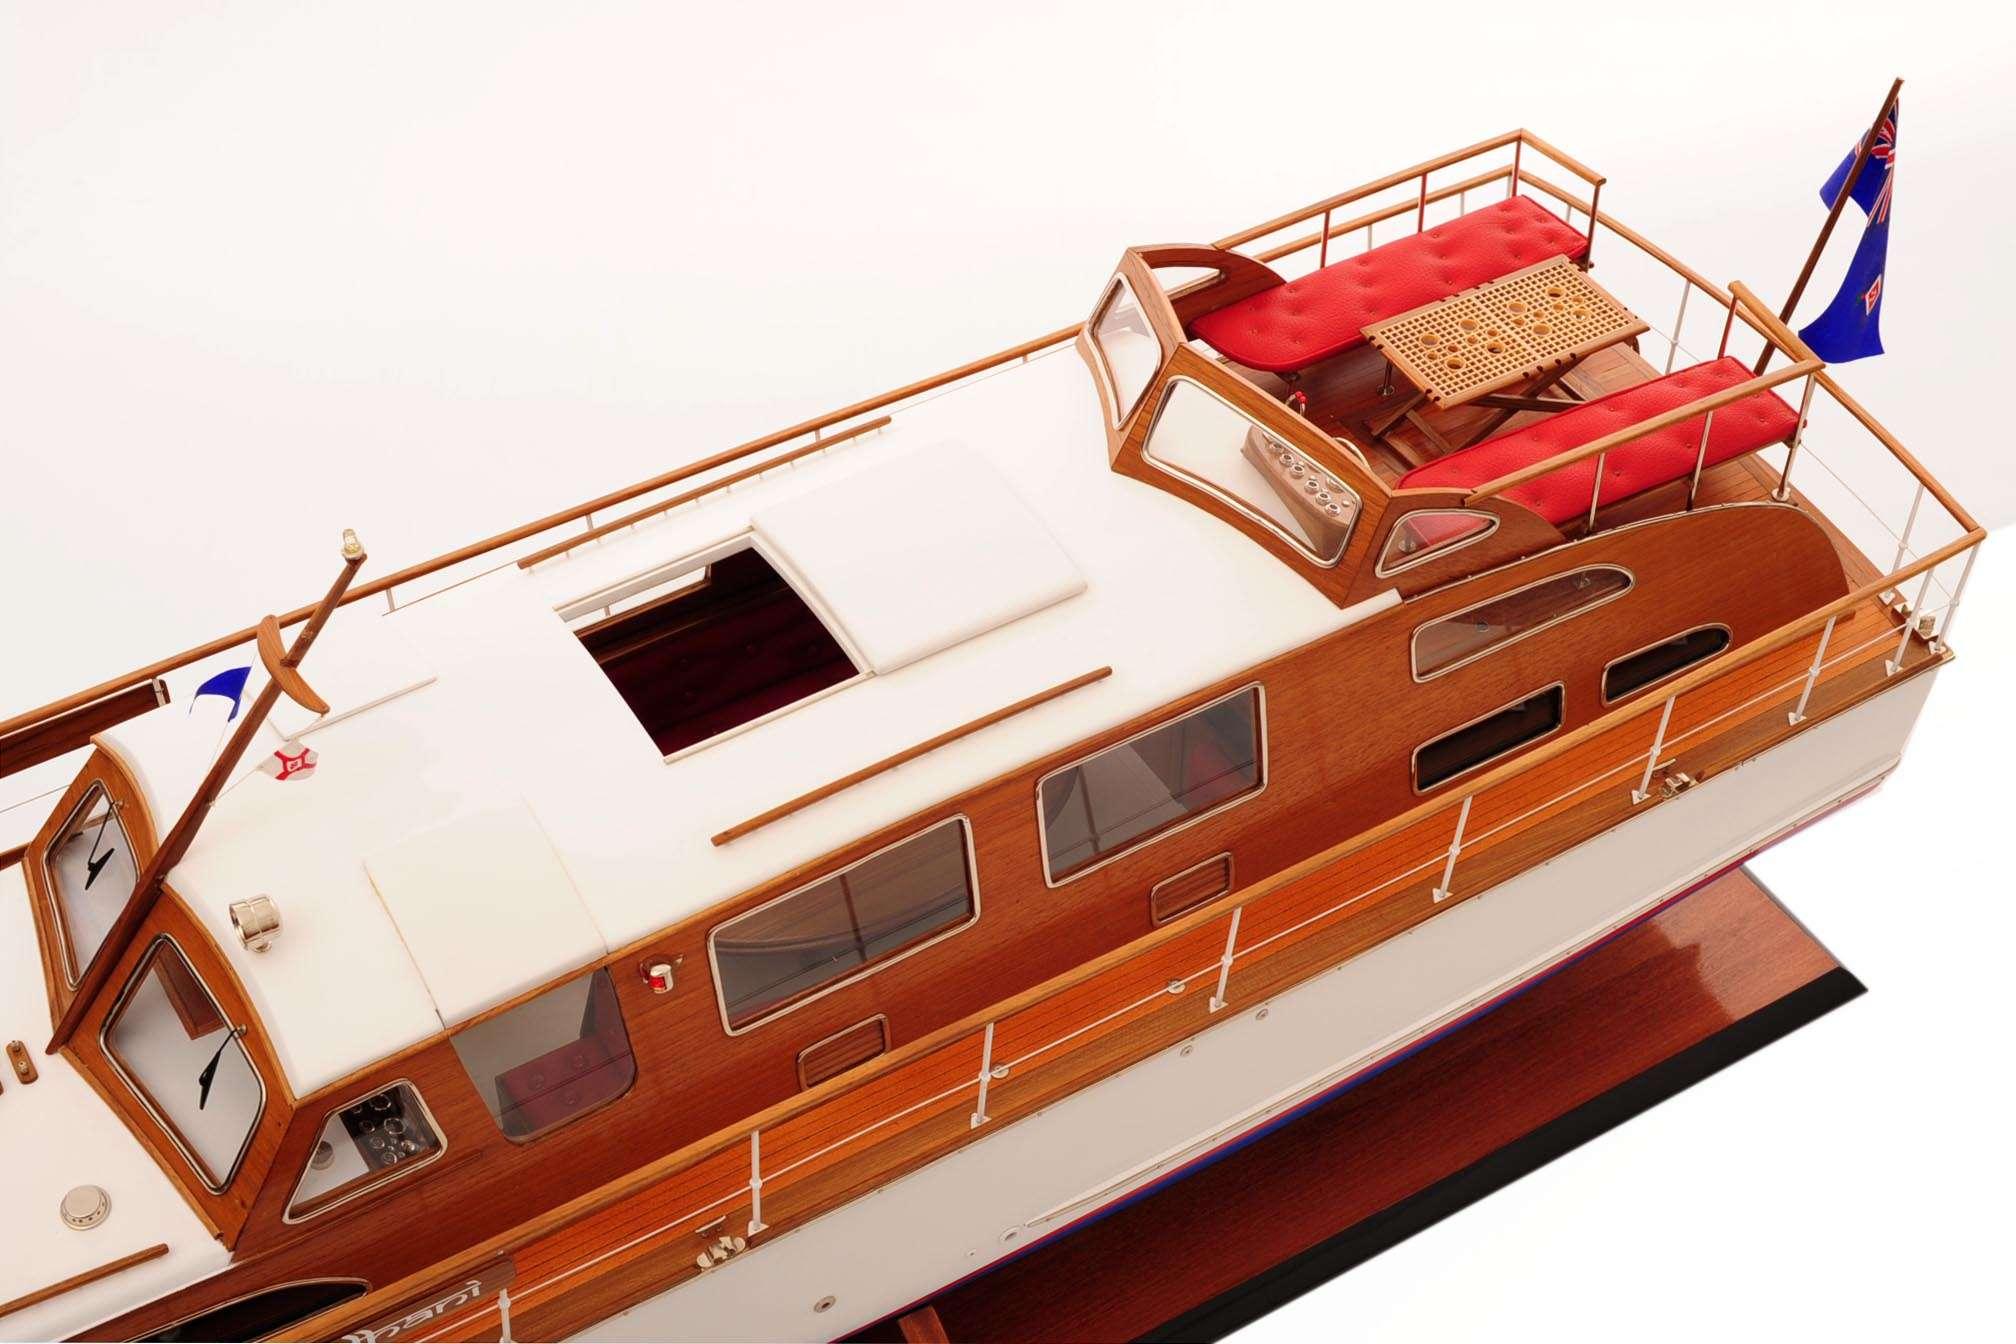 1473-4399-Starcraft-40-Model-Boat-Rajdhani